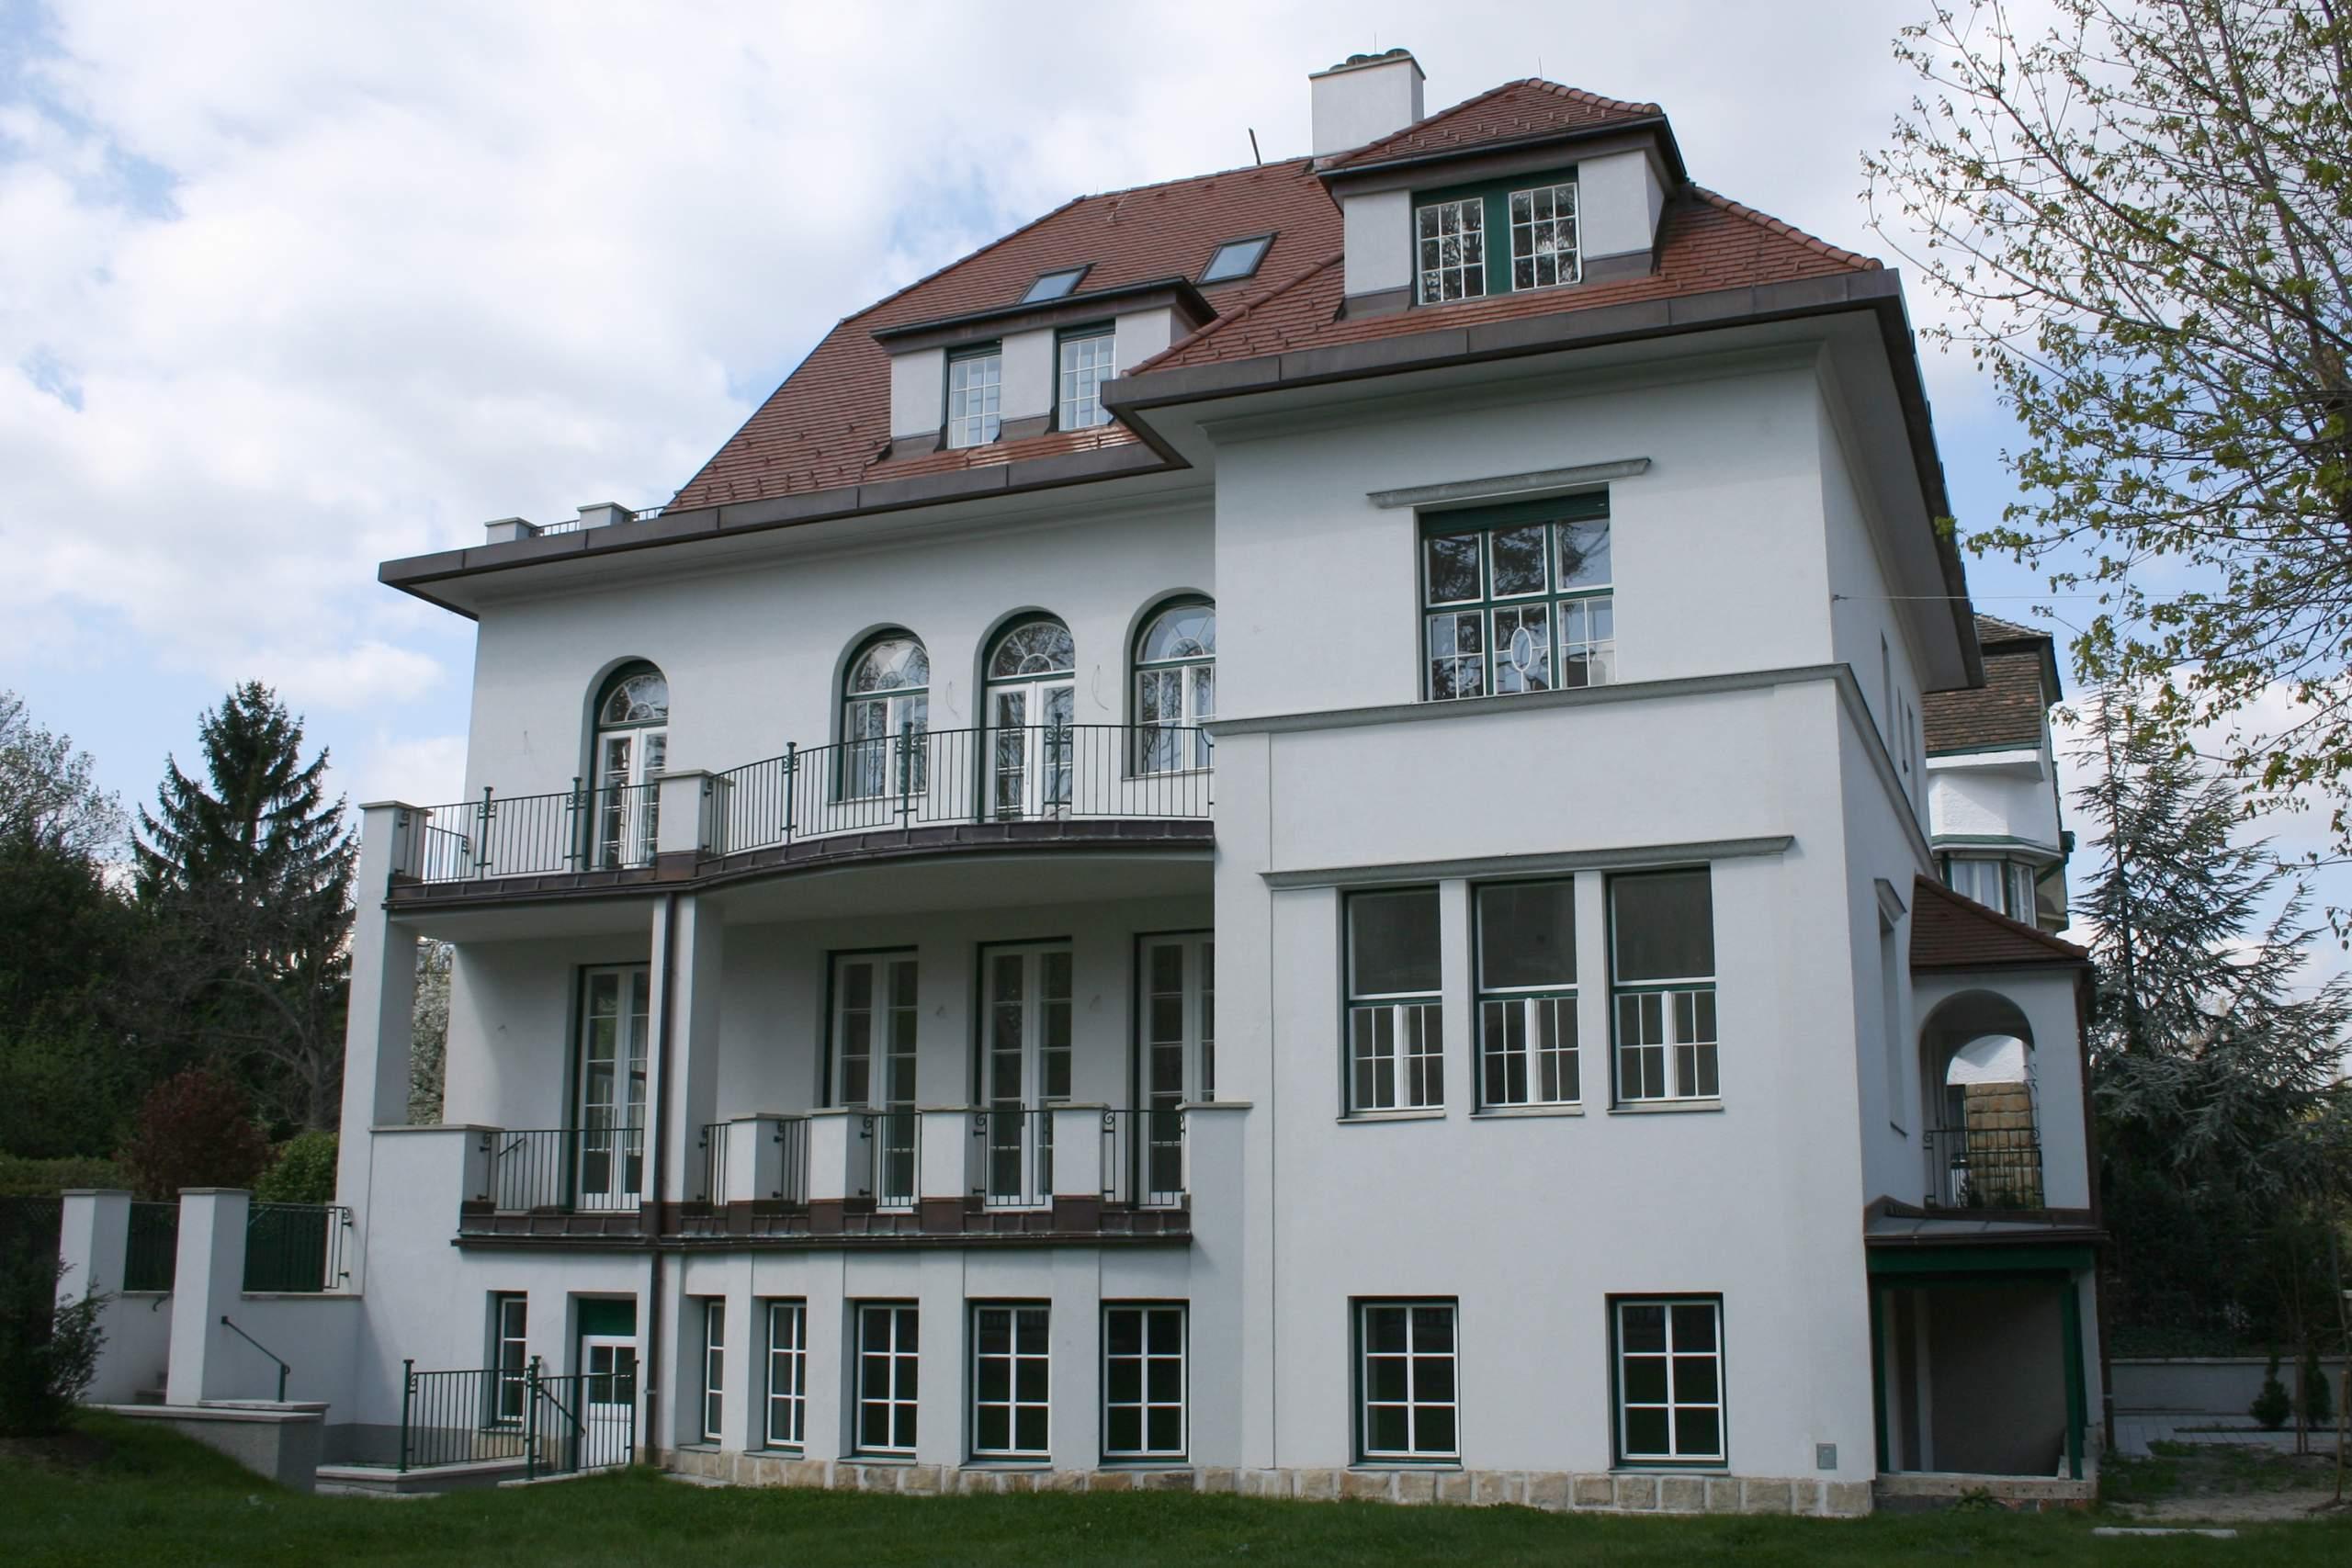 liegler takeh architekten projekt beckgasse 01 2560 liegler takeh architekten. Black Bedroom Furniture Sets. Home Design Ideas